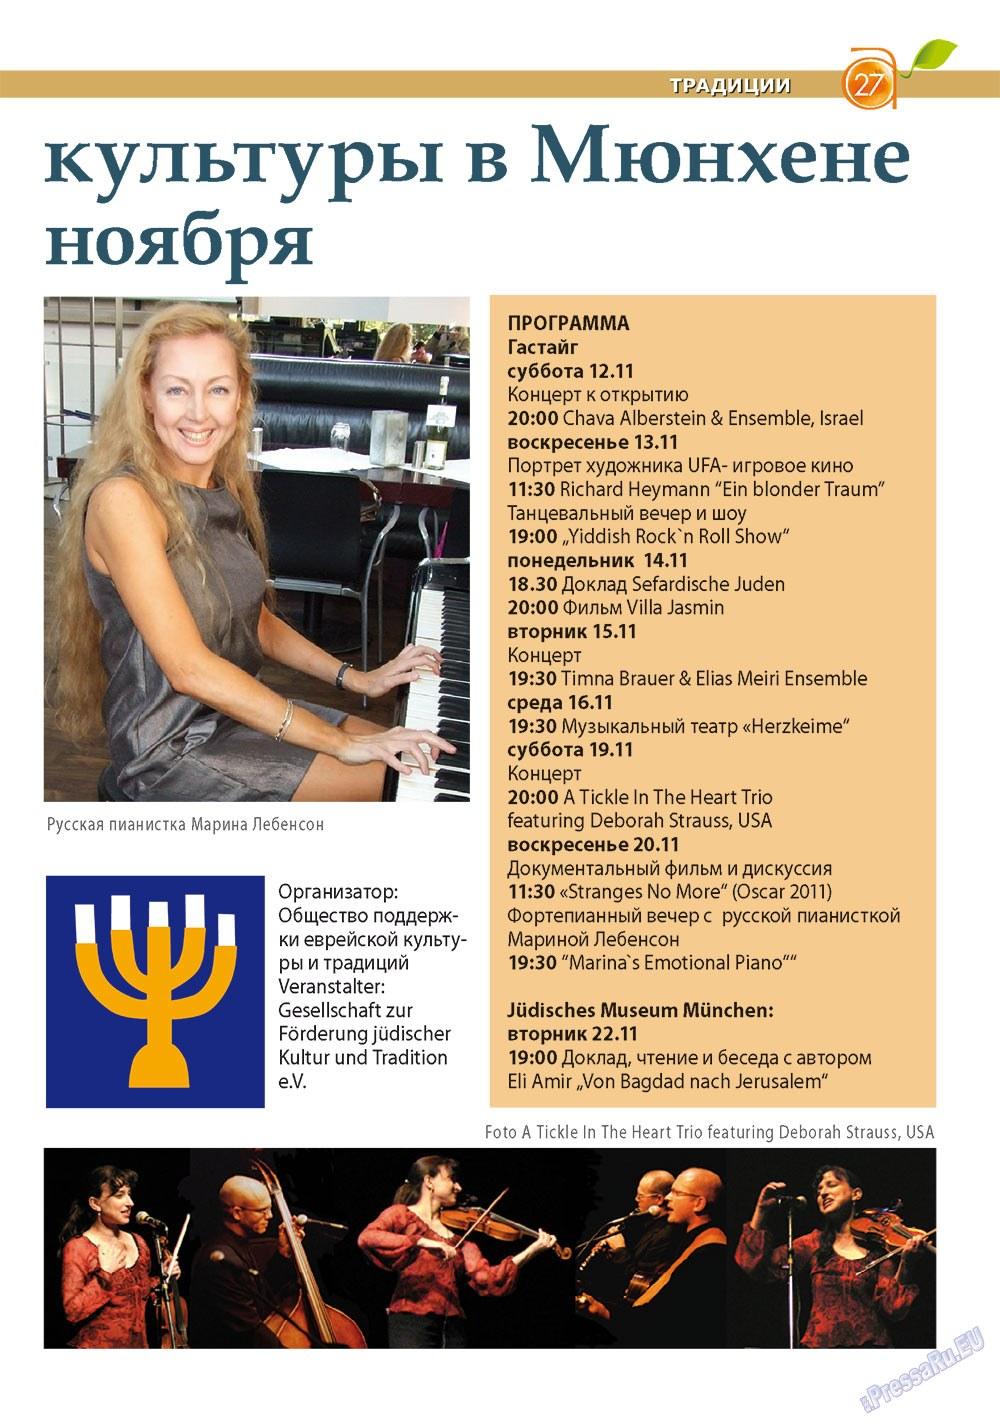 Апельсин (журнал). 2011 год, номер 28, стр. 27